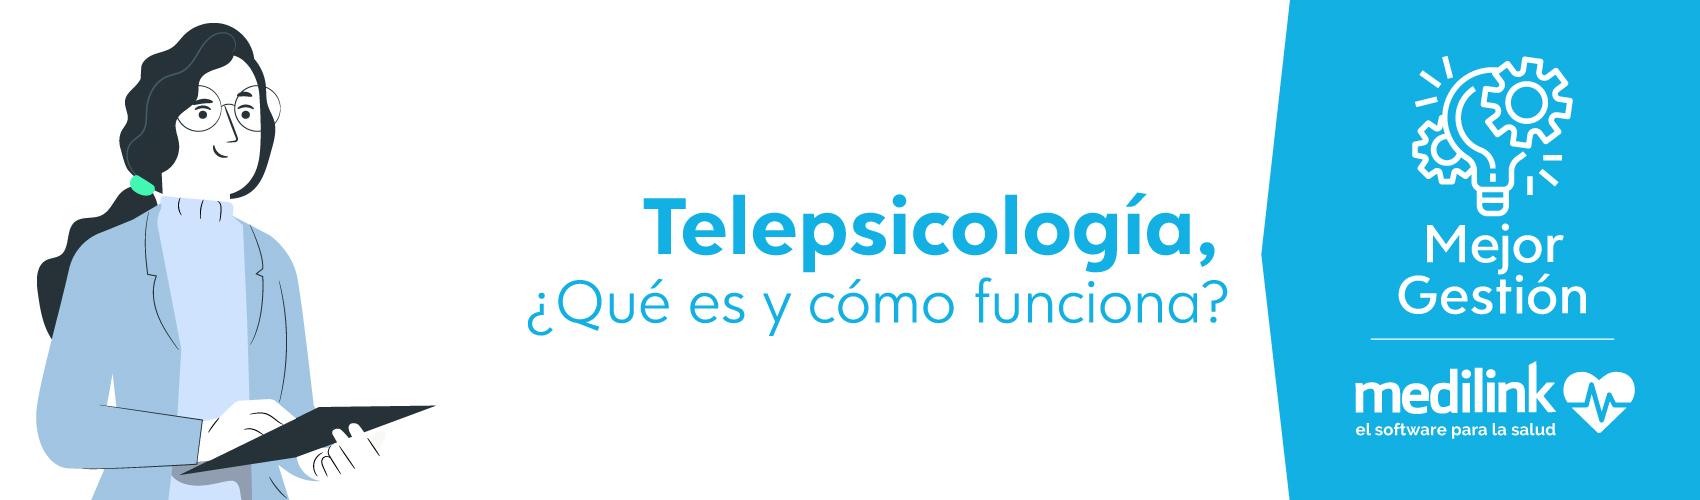 Telepsicología, ¿qué es y cómo funciona?